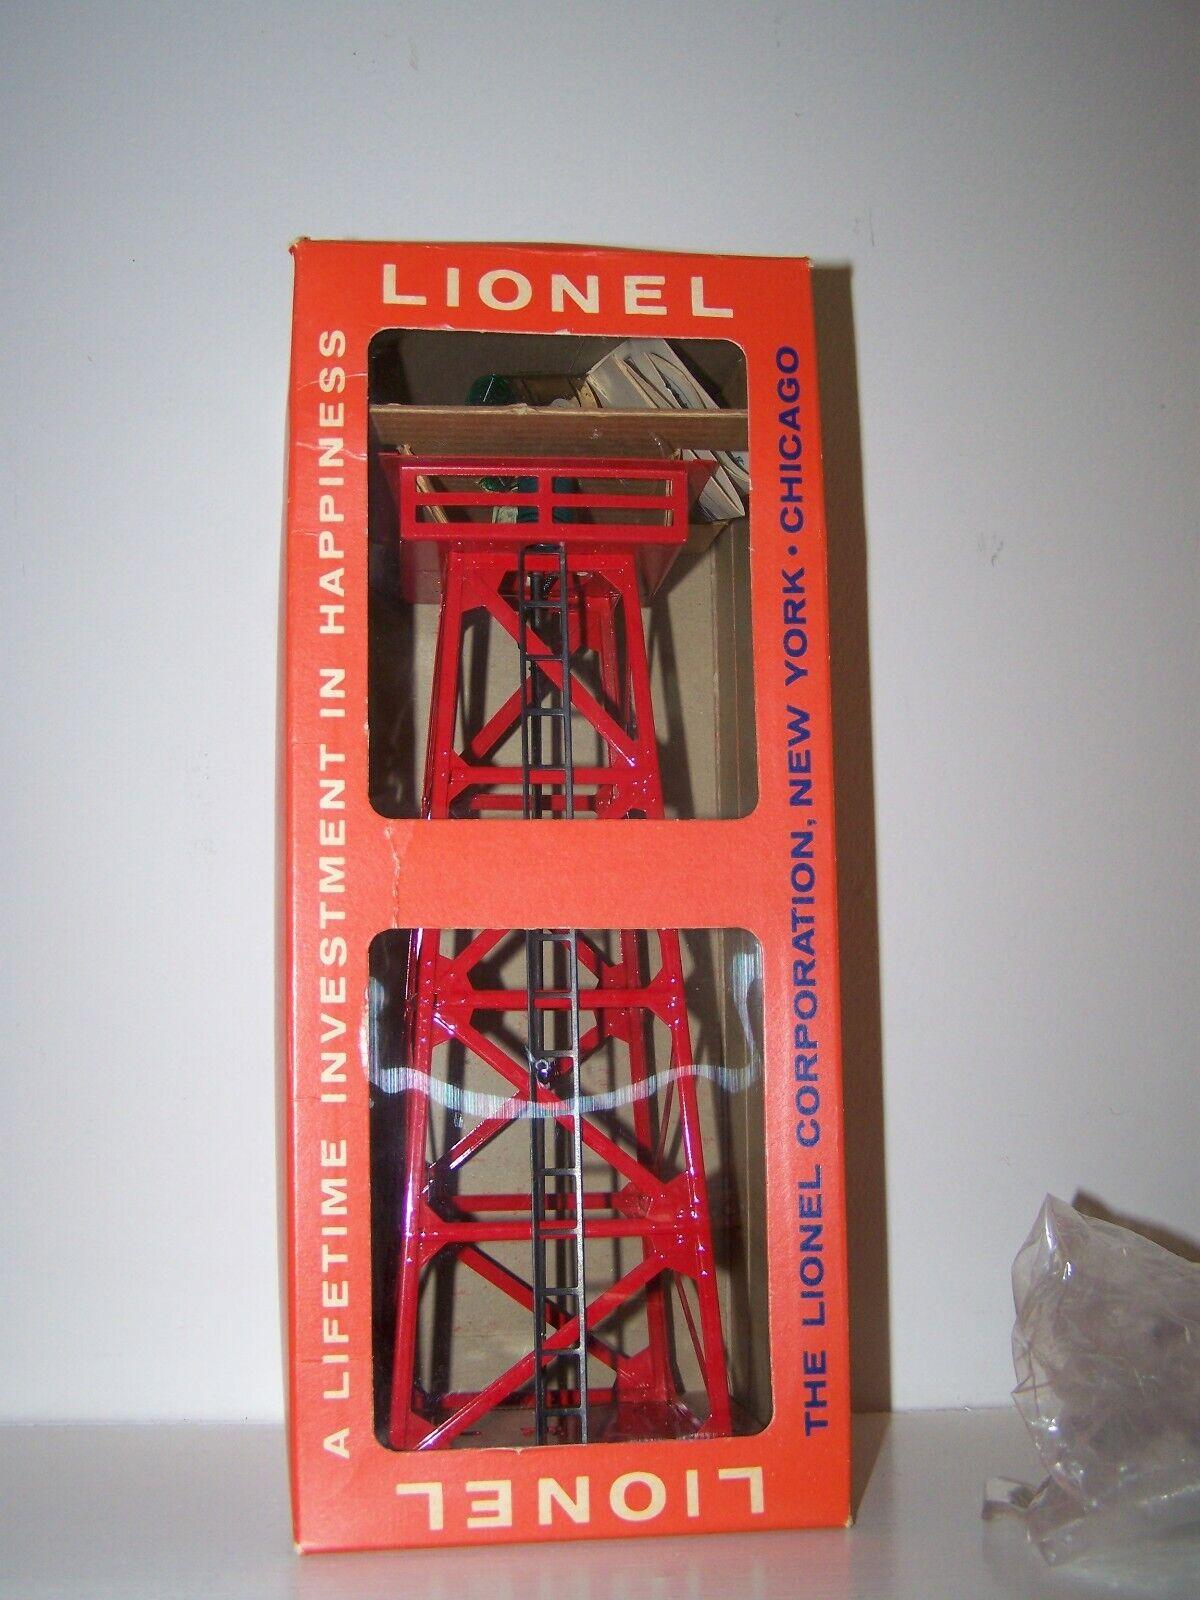 Lionel rossoary Beacon - No. 494 494 494 - New - NEVER OUT OF ORIGINAL BOX  - NOS dde790